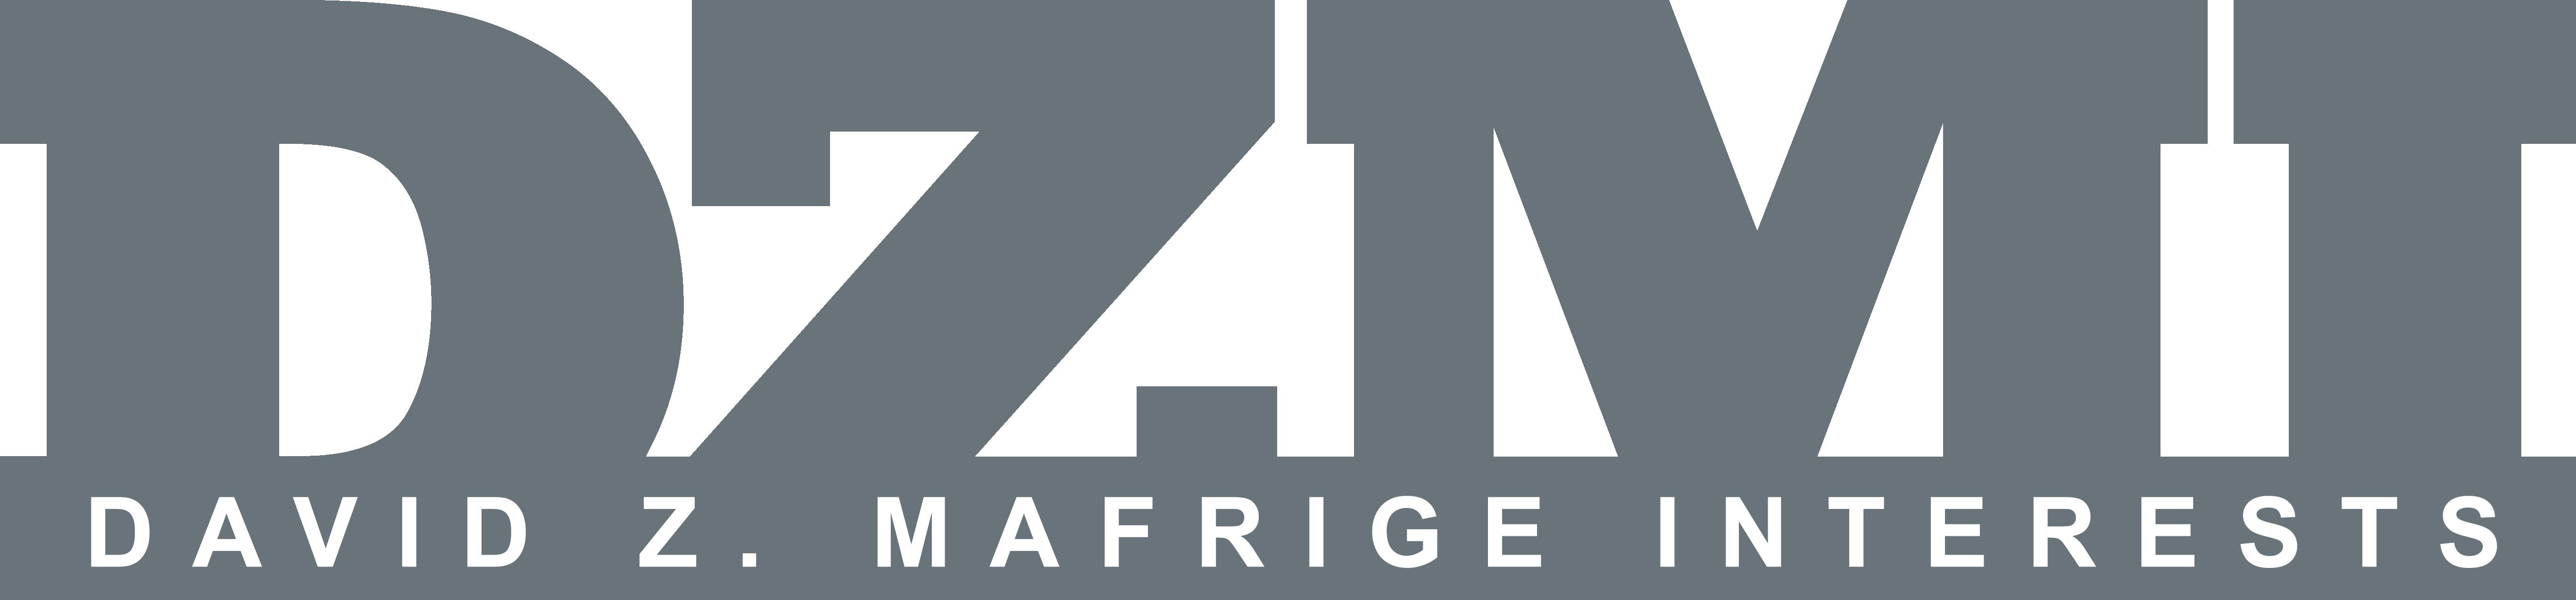 dzmi_logo